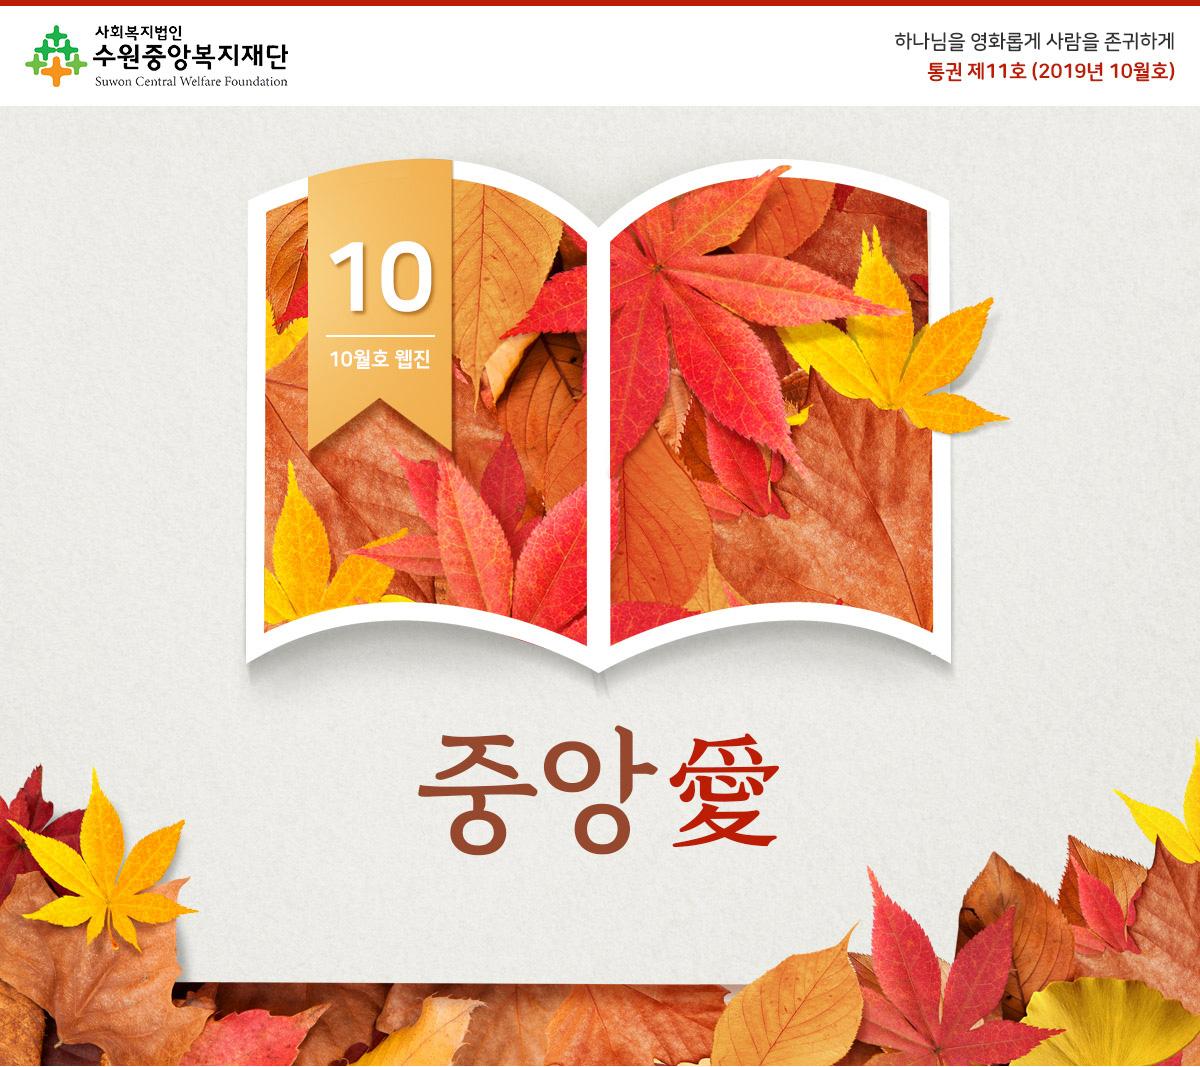 수원중앙복지재단 웹진 2019년 9월호